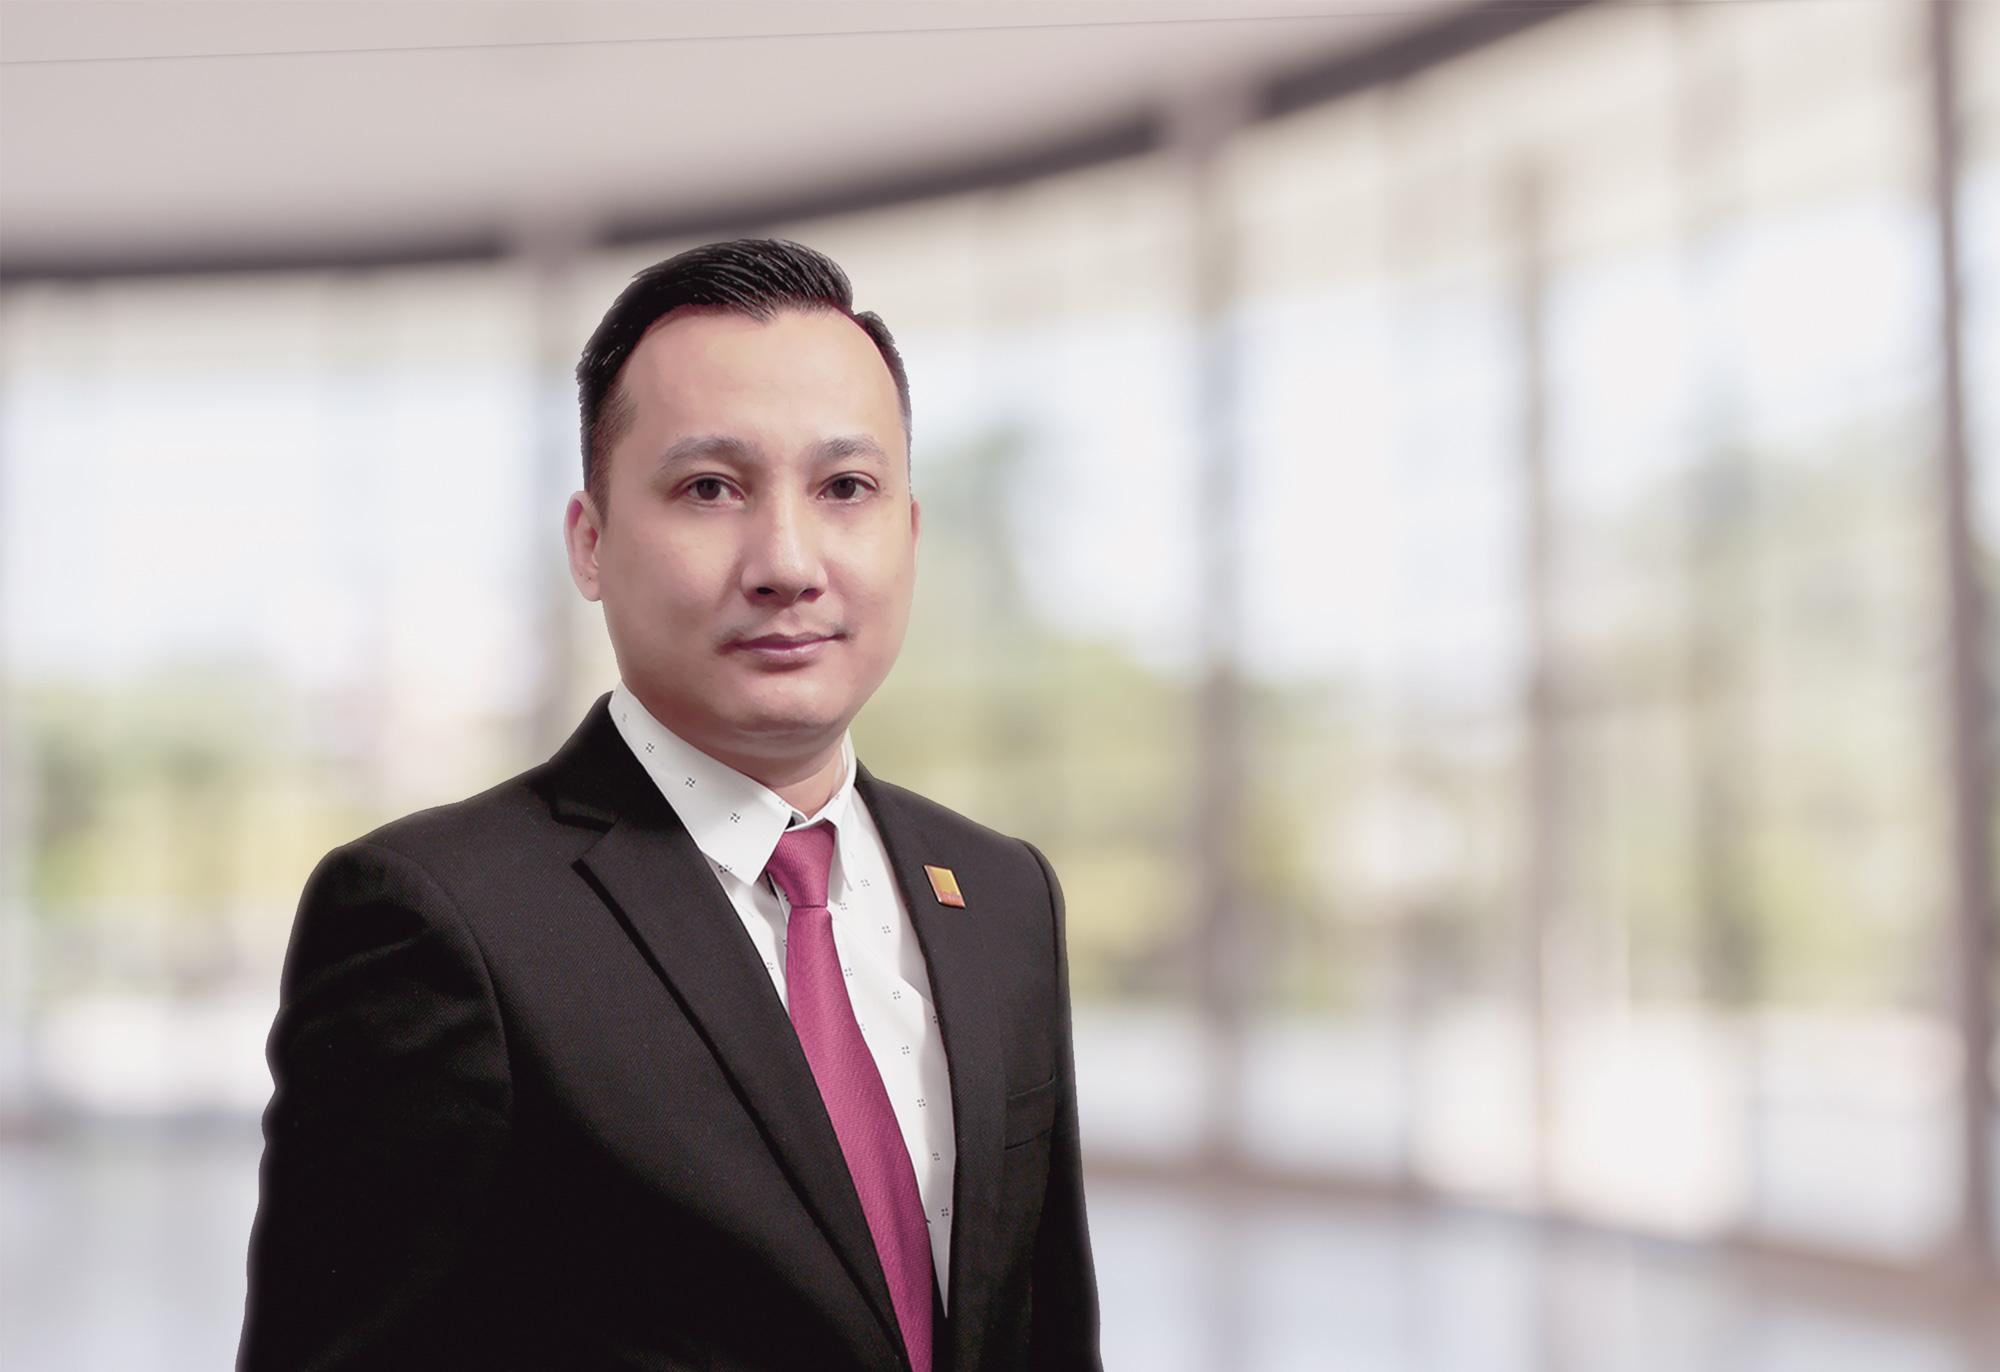 Thị trường BĐS TP HCM: Lượng dự án mới giảm tạo cơ hội tăng giá ở thị trường thứ cấp - Ảnh 1.